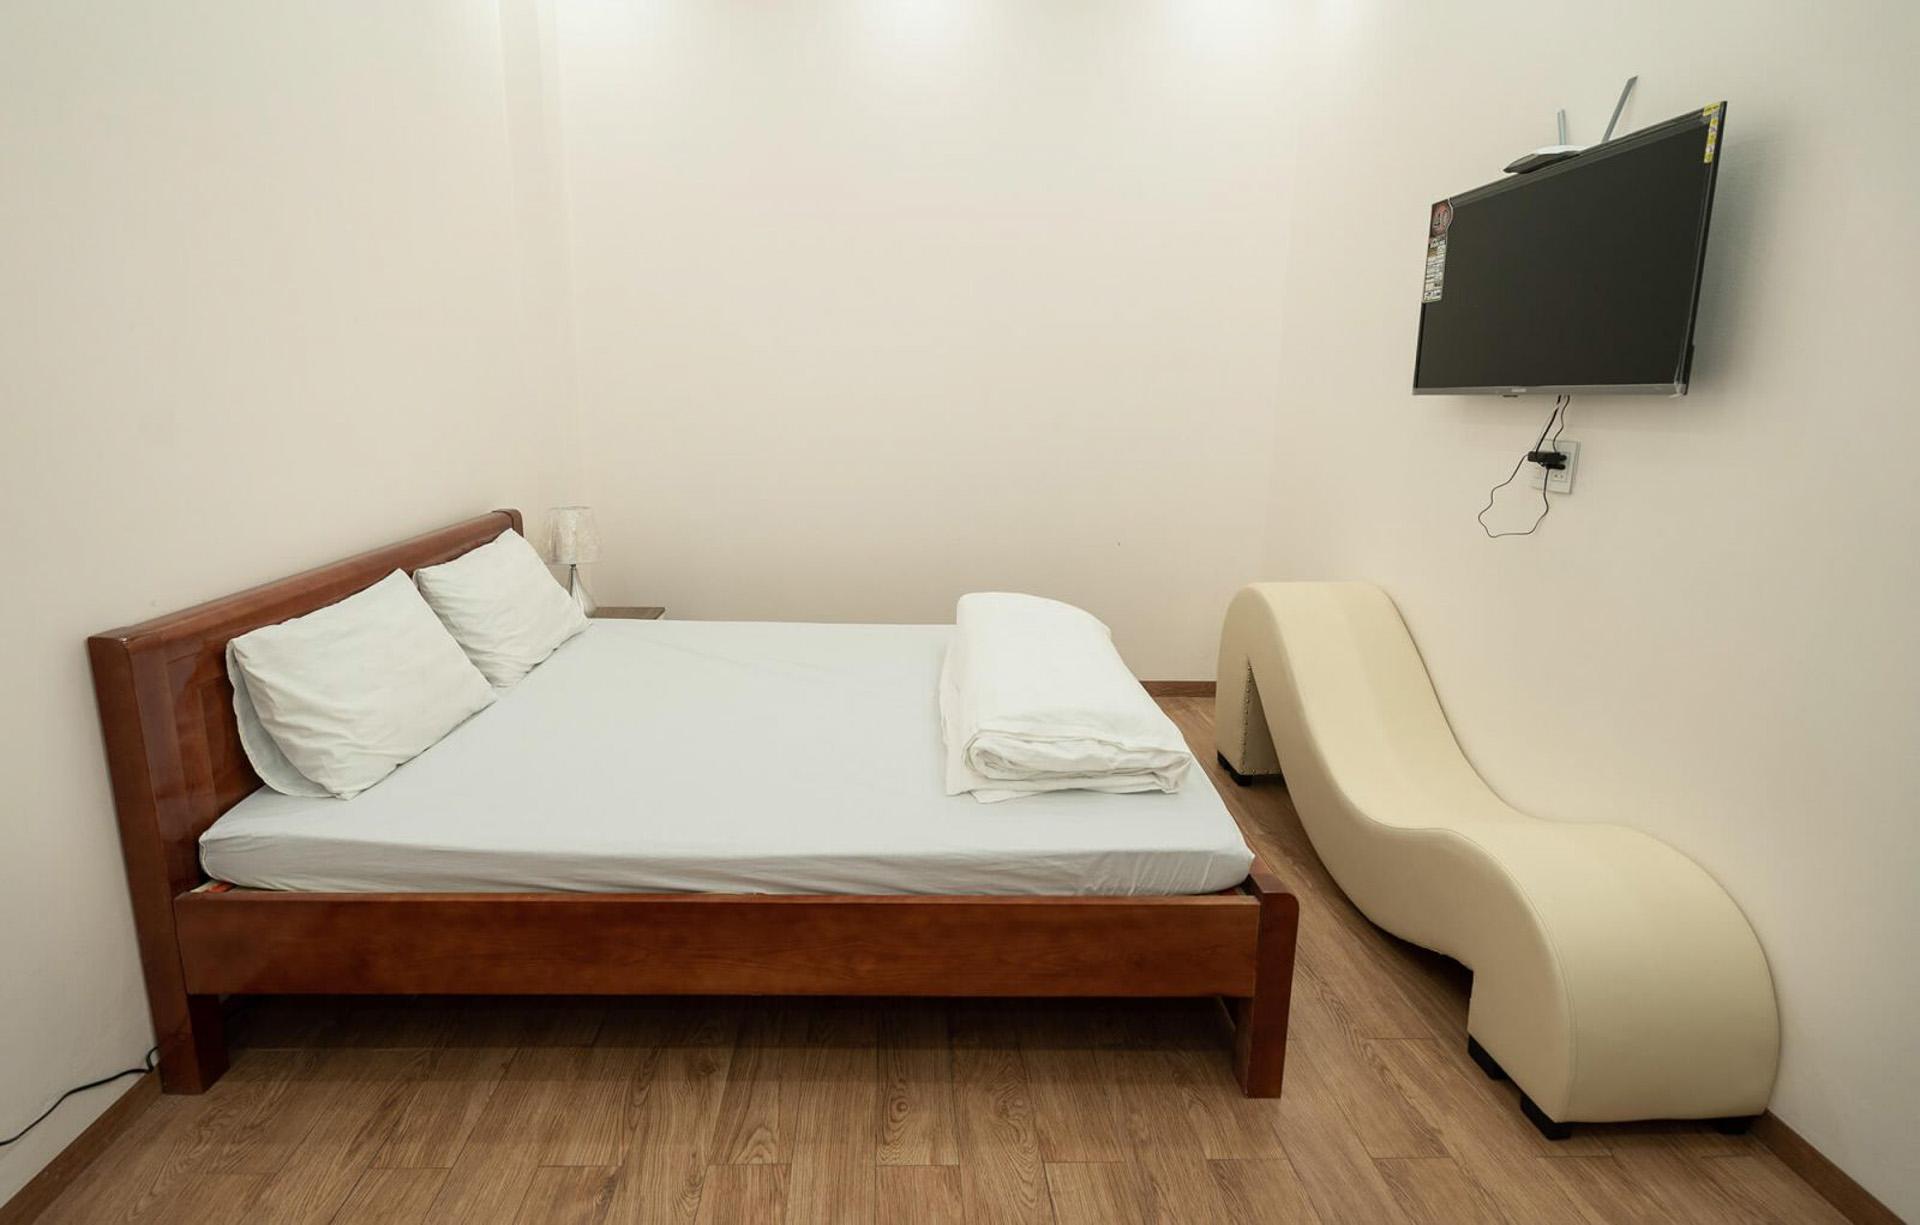 free images : hostel, furniture, room, property, bedroom